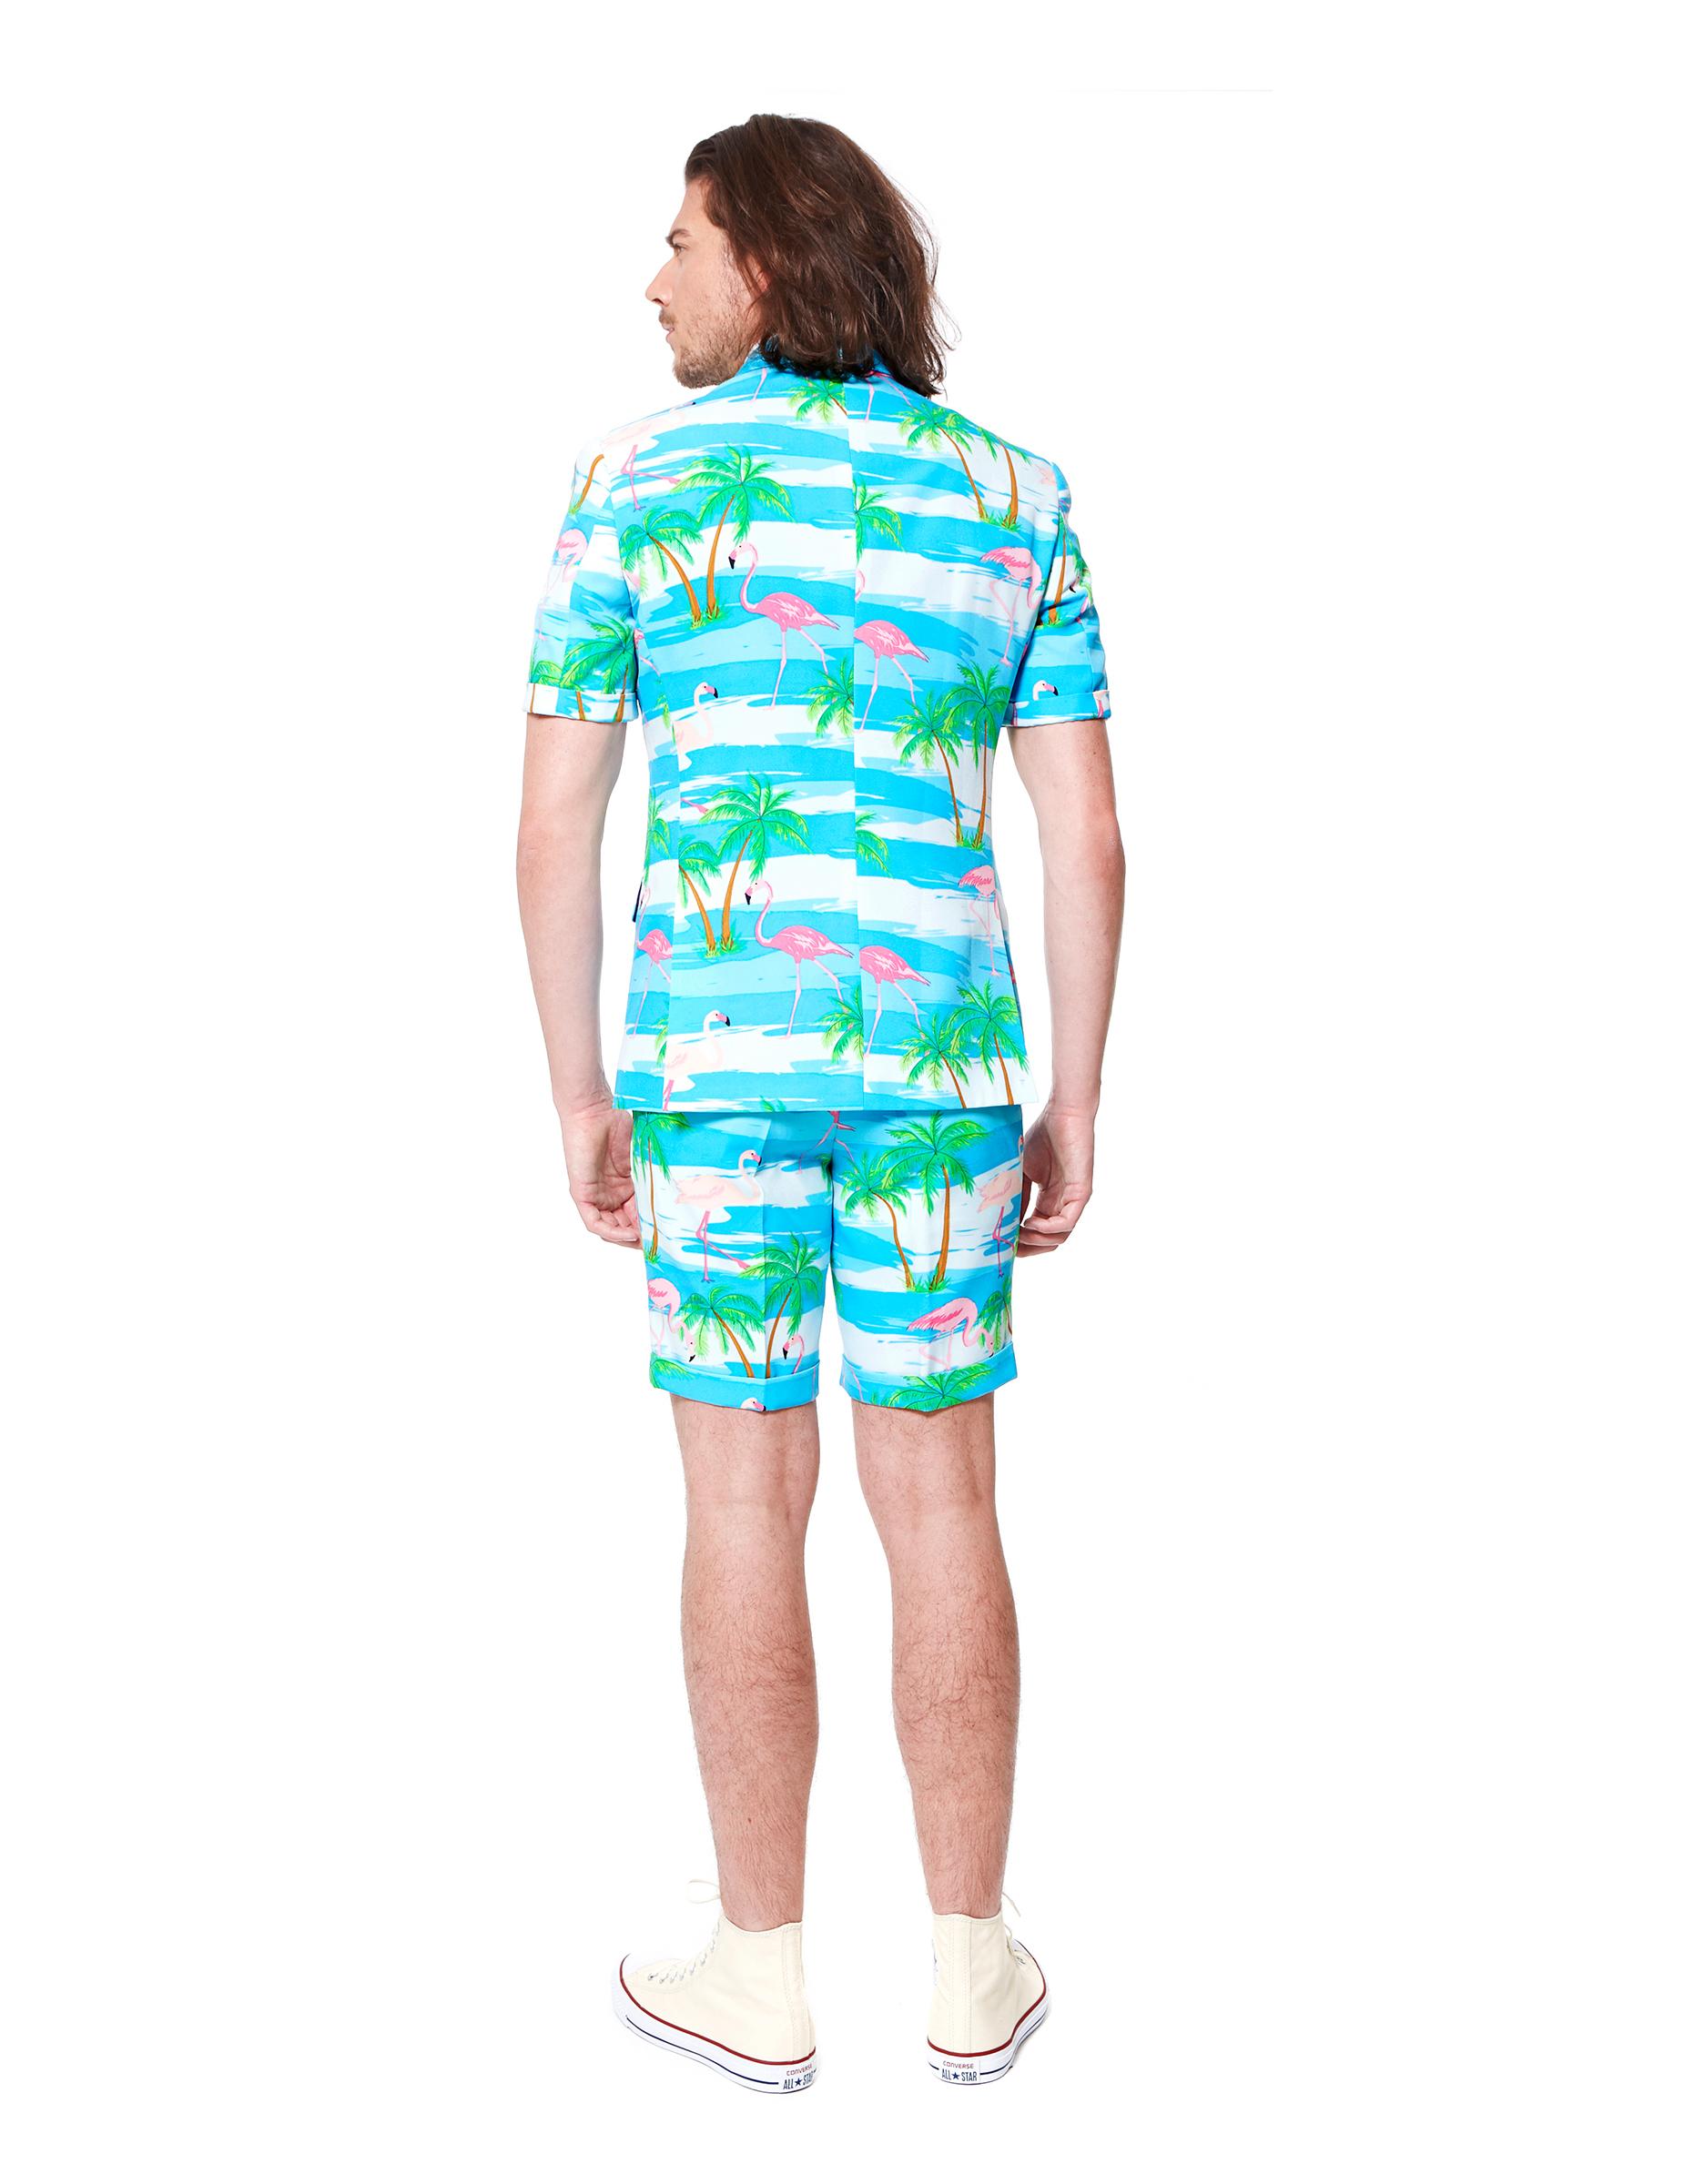 Costume d 39 t mr flamingo homme opposuits deguise toi achat de d guisements adultes - Costume homme ete ...